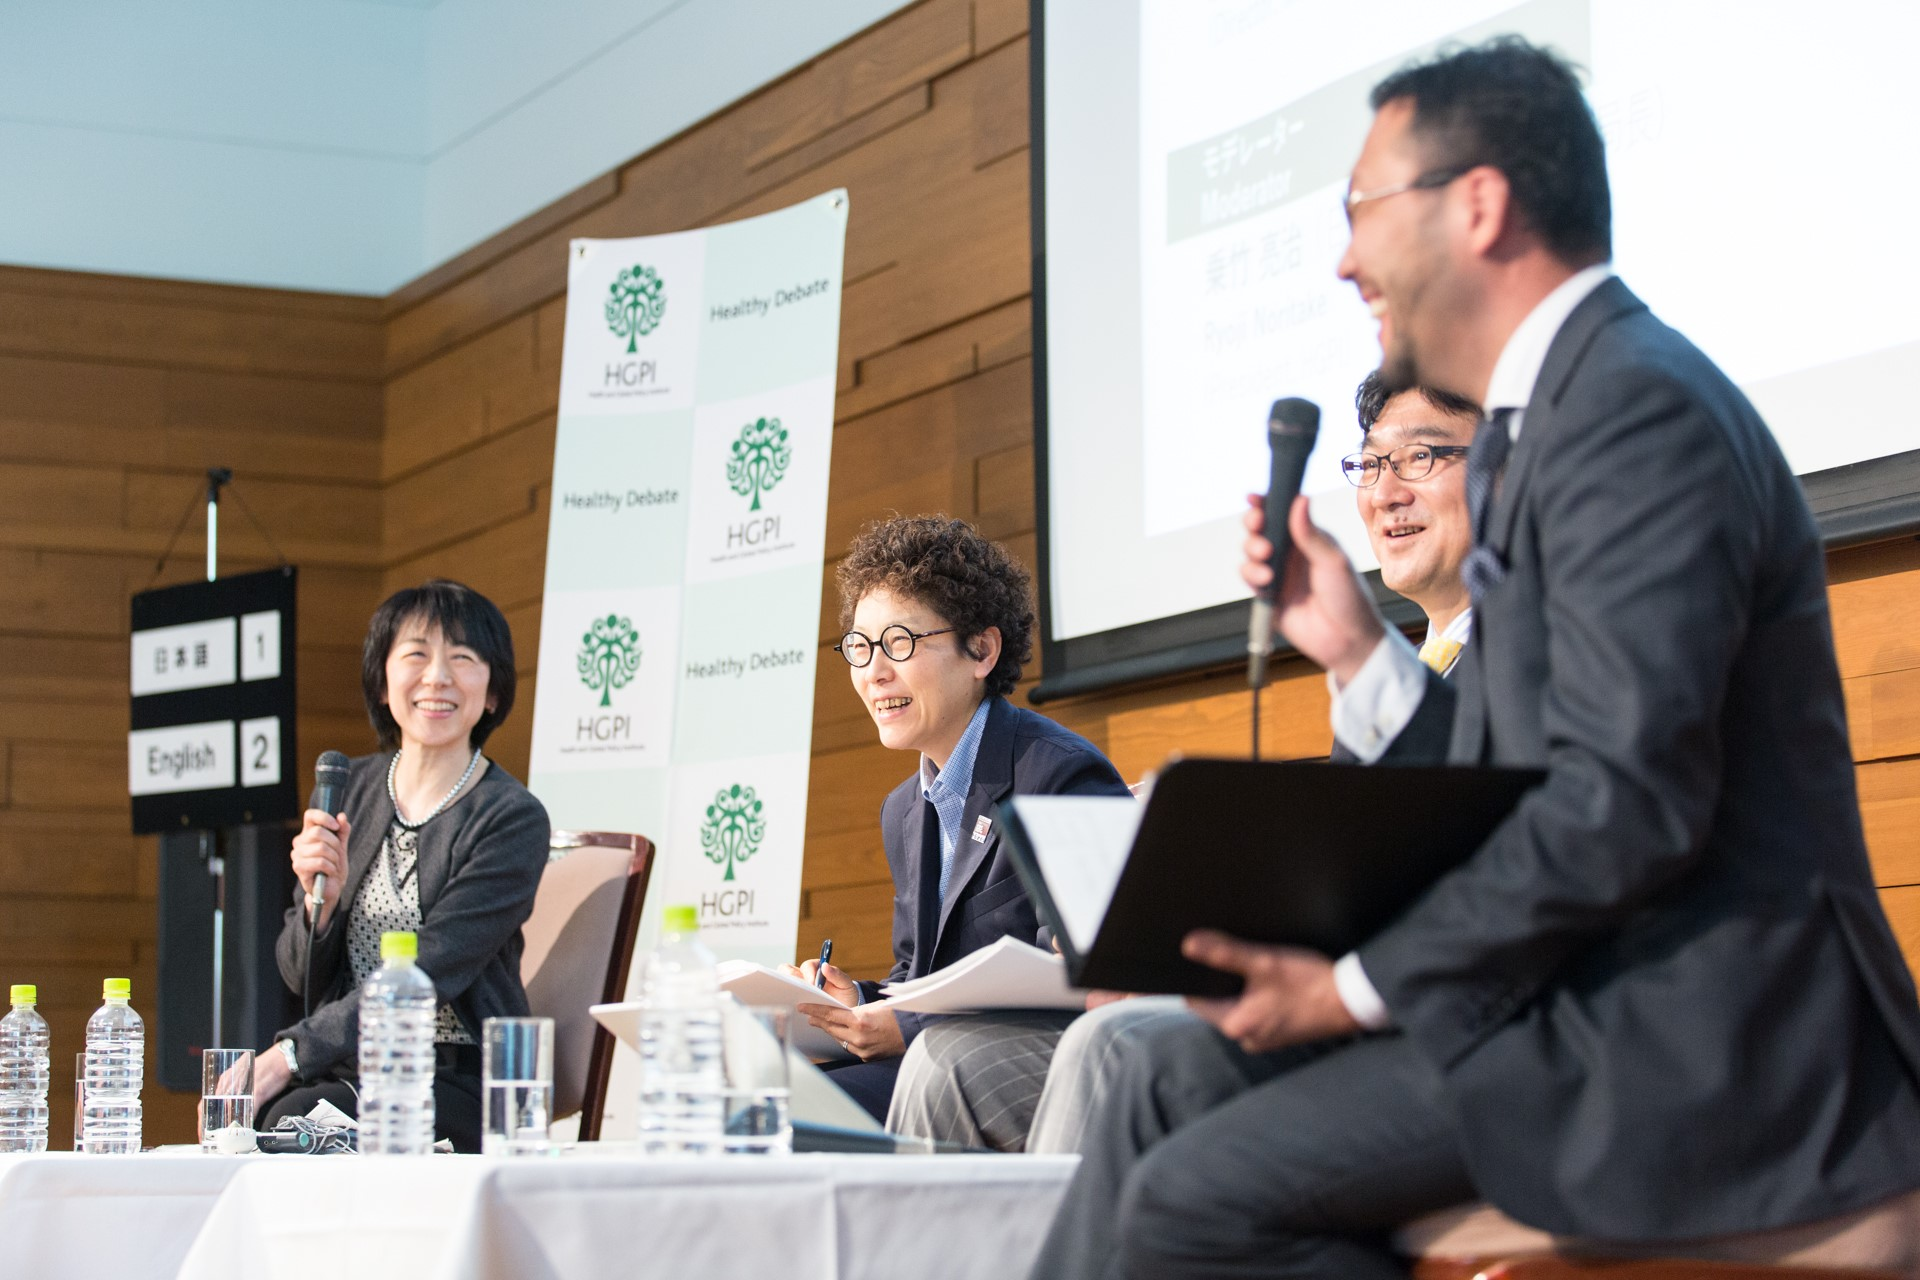 パネルディスカッション2「日本の展望:各領域に求められる次の打ち手とは」